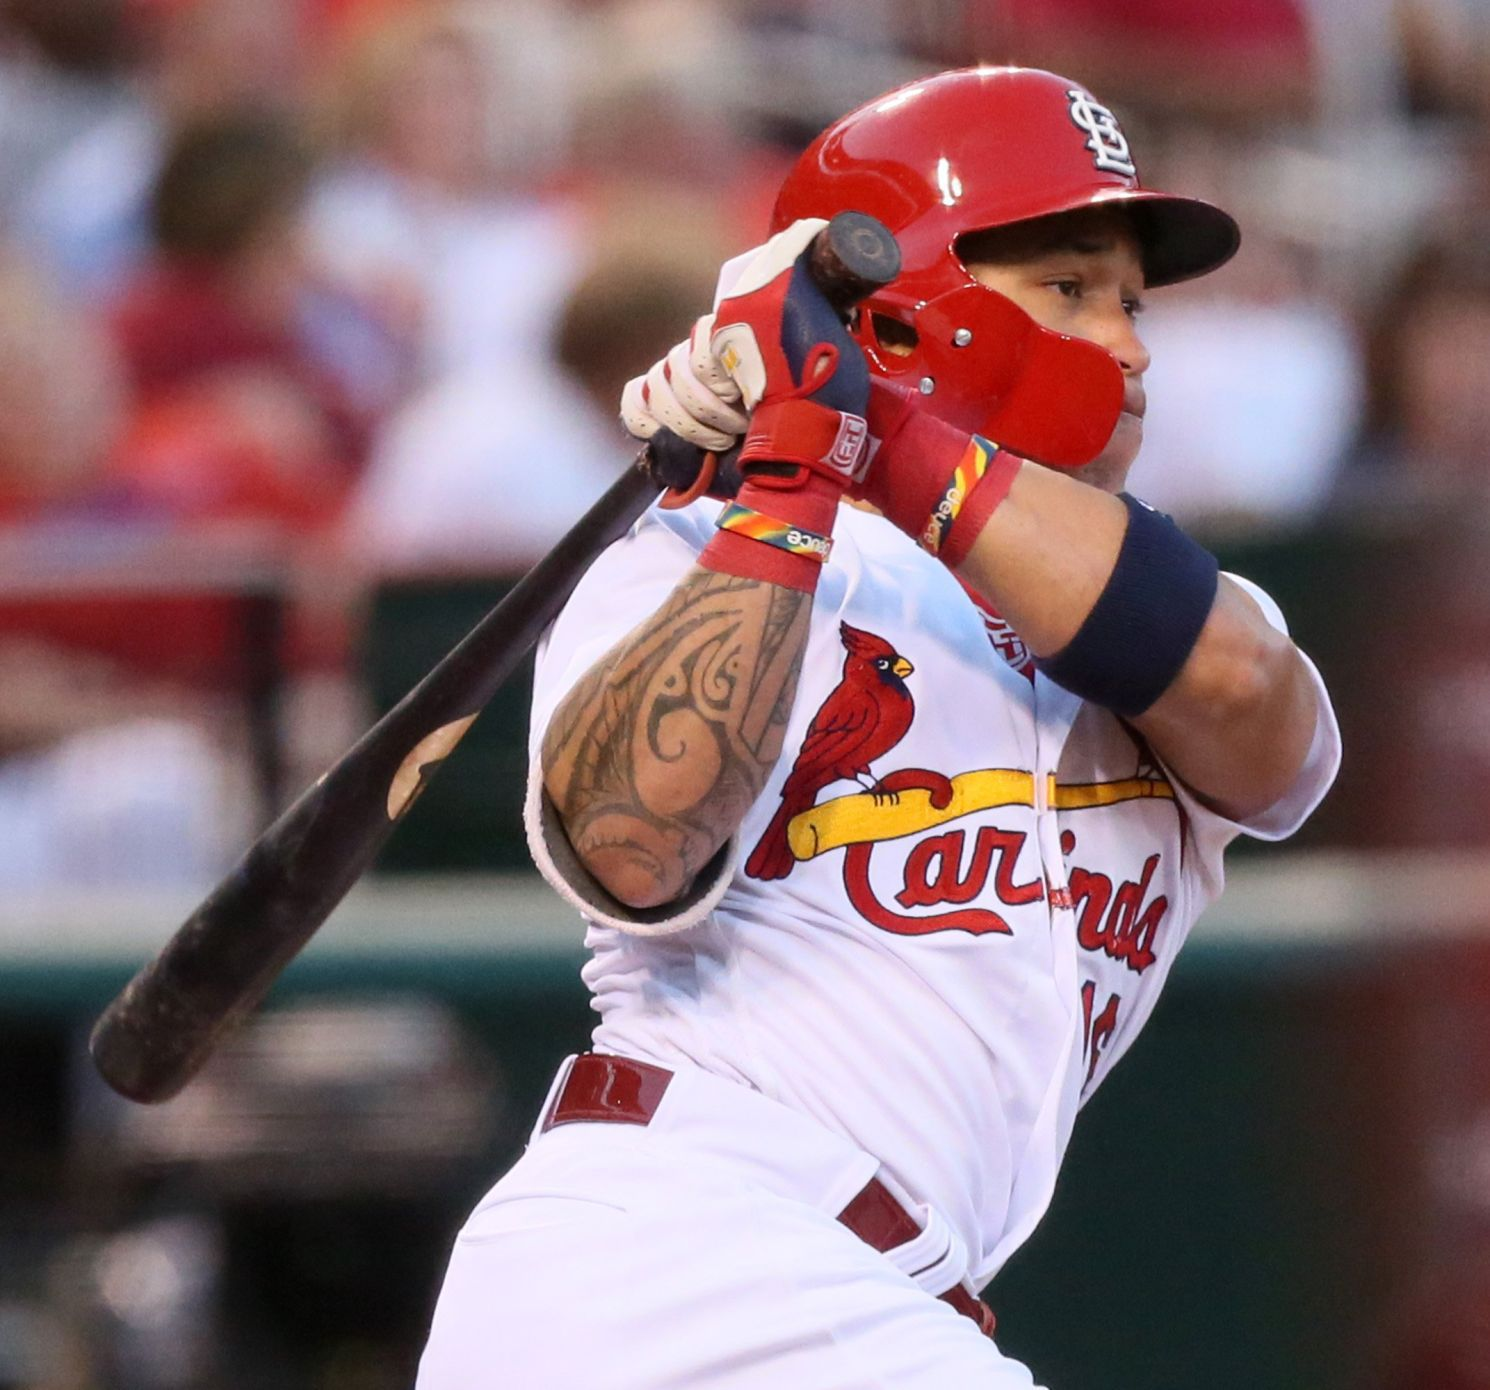 Matt Szczur drives in run in Padres' win over Cardinals